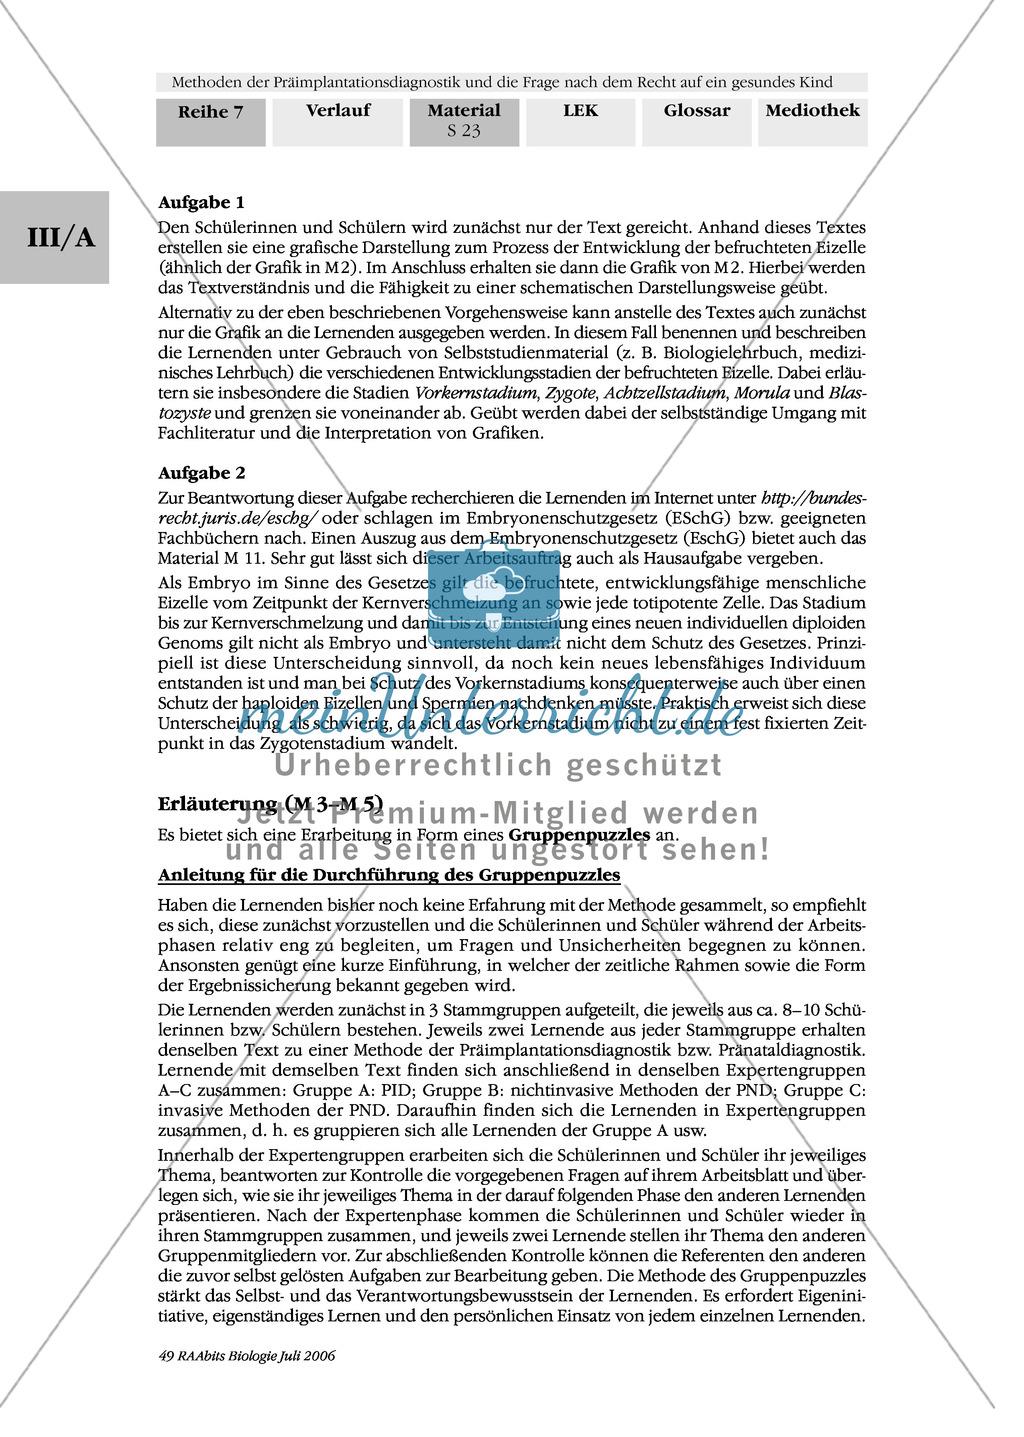 Text zur Entwicklung der befruchteten Eizelle und Gruppenpuzzle zur Präimplantationsdiagnostik und Pränataldiagnostik Preview 12